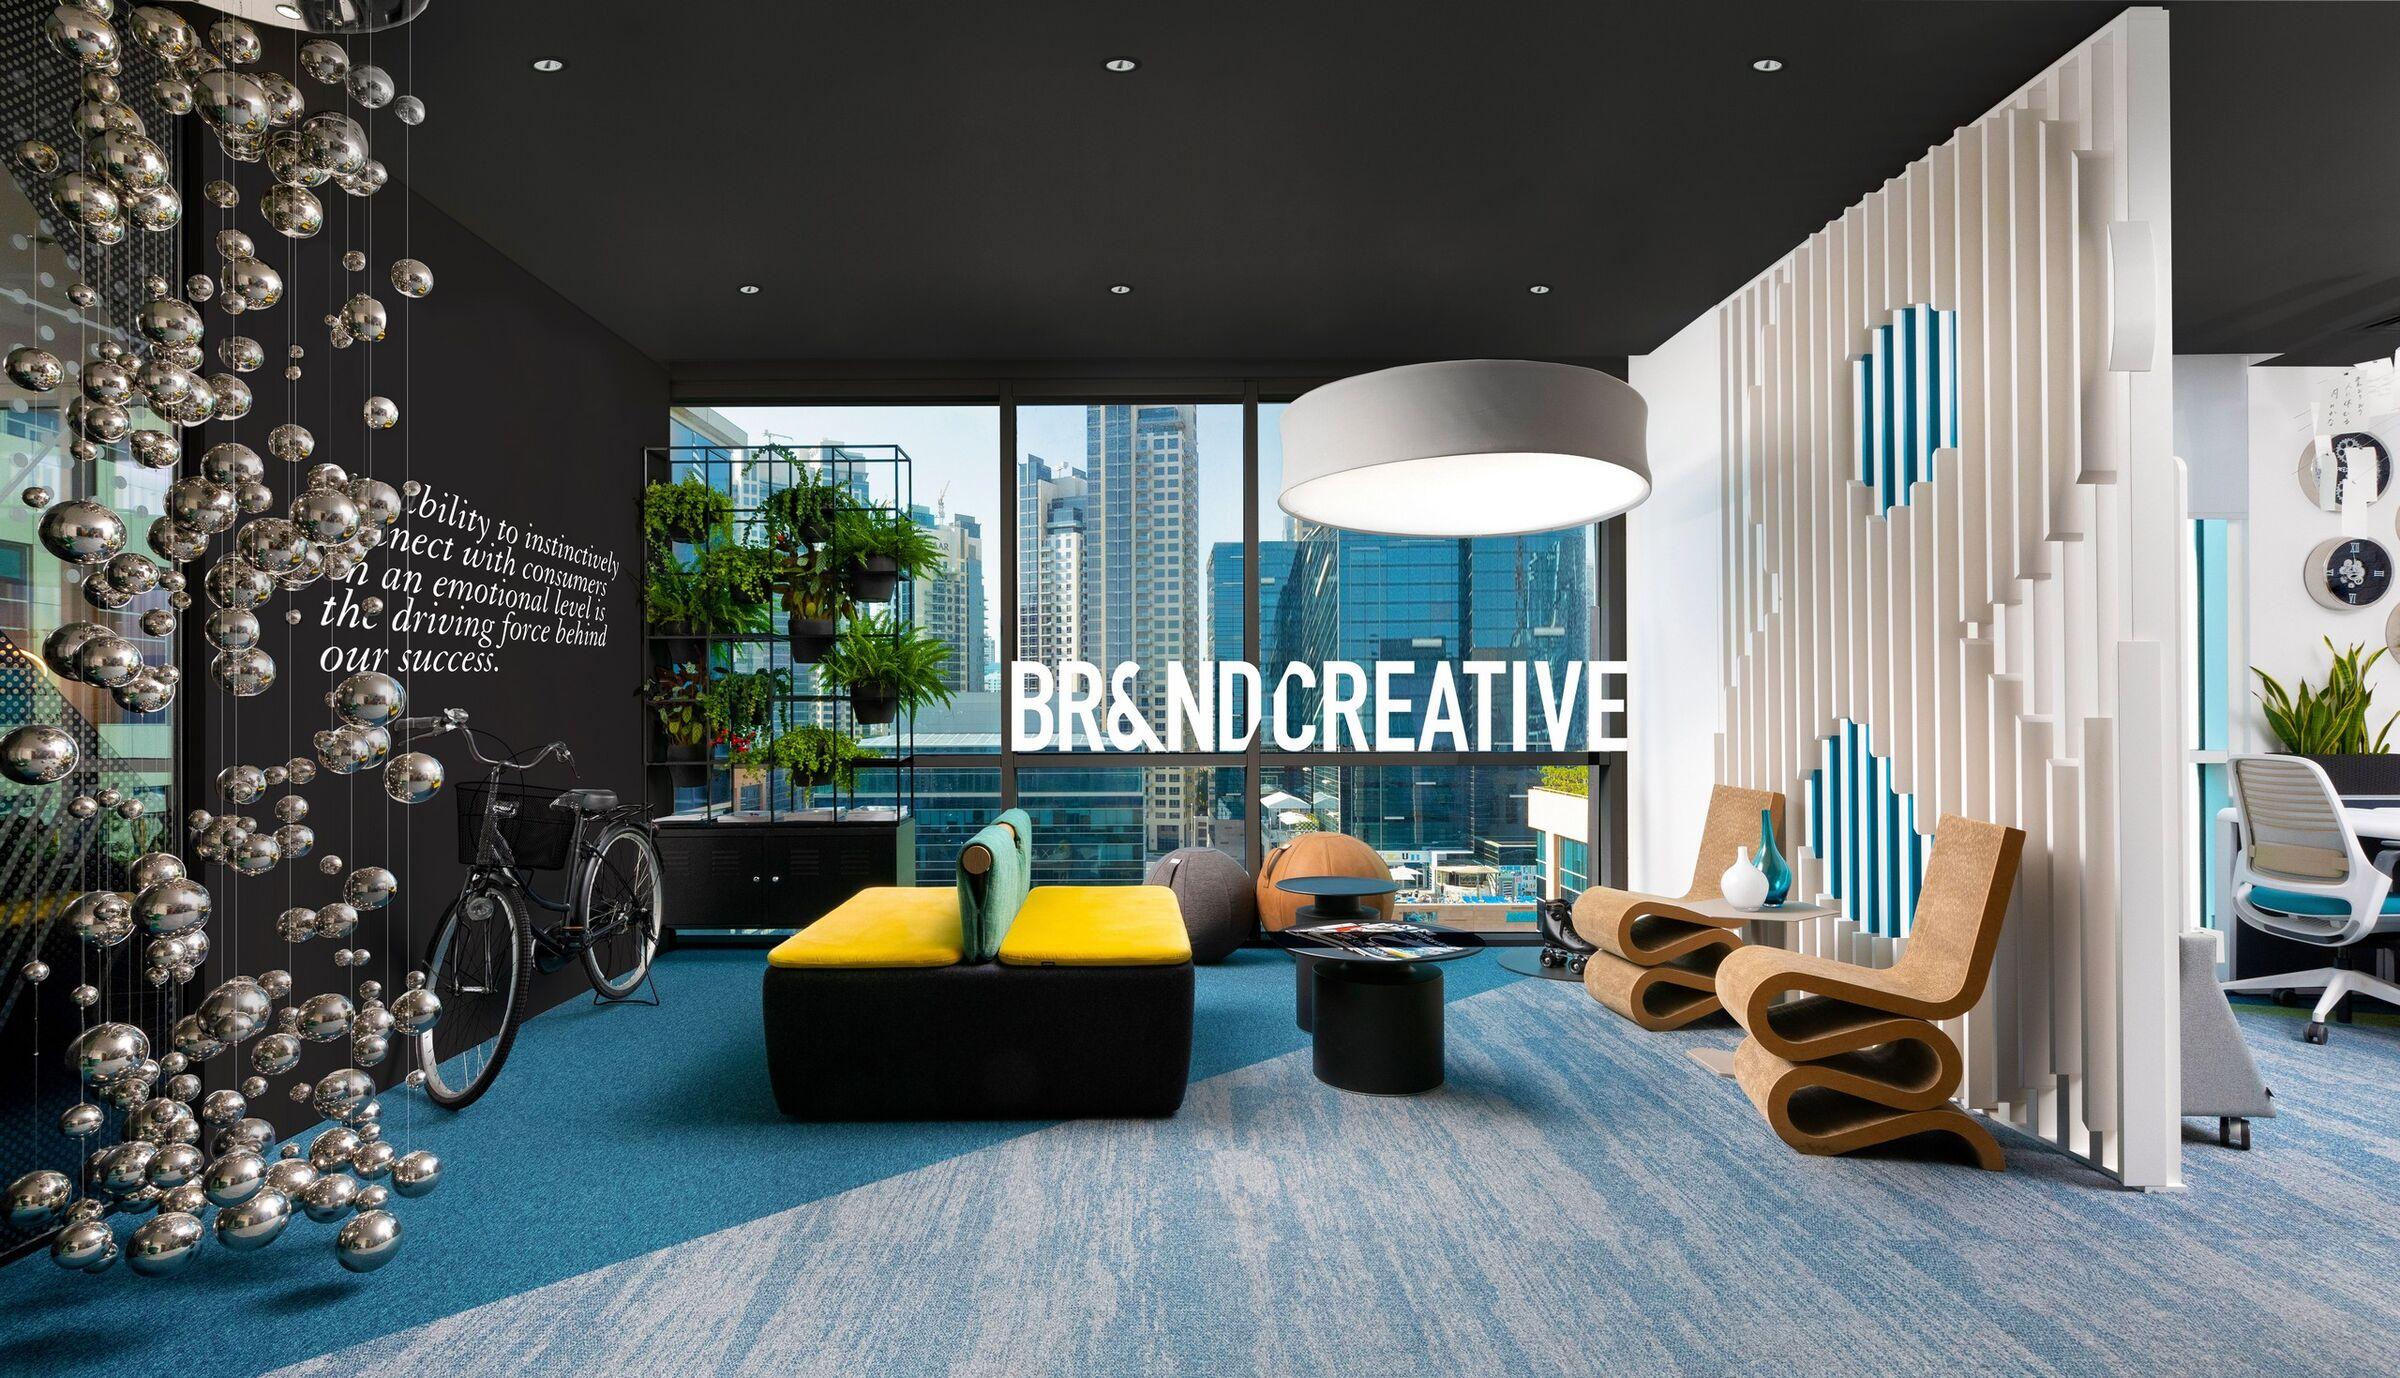 Brand Creative Office   Brand Creative   Archello